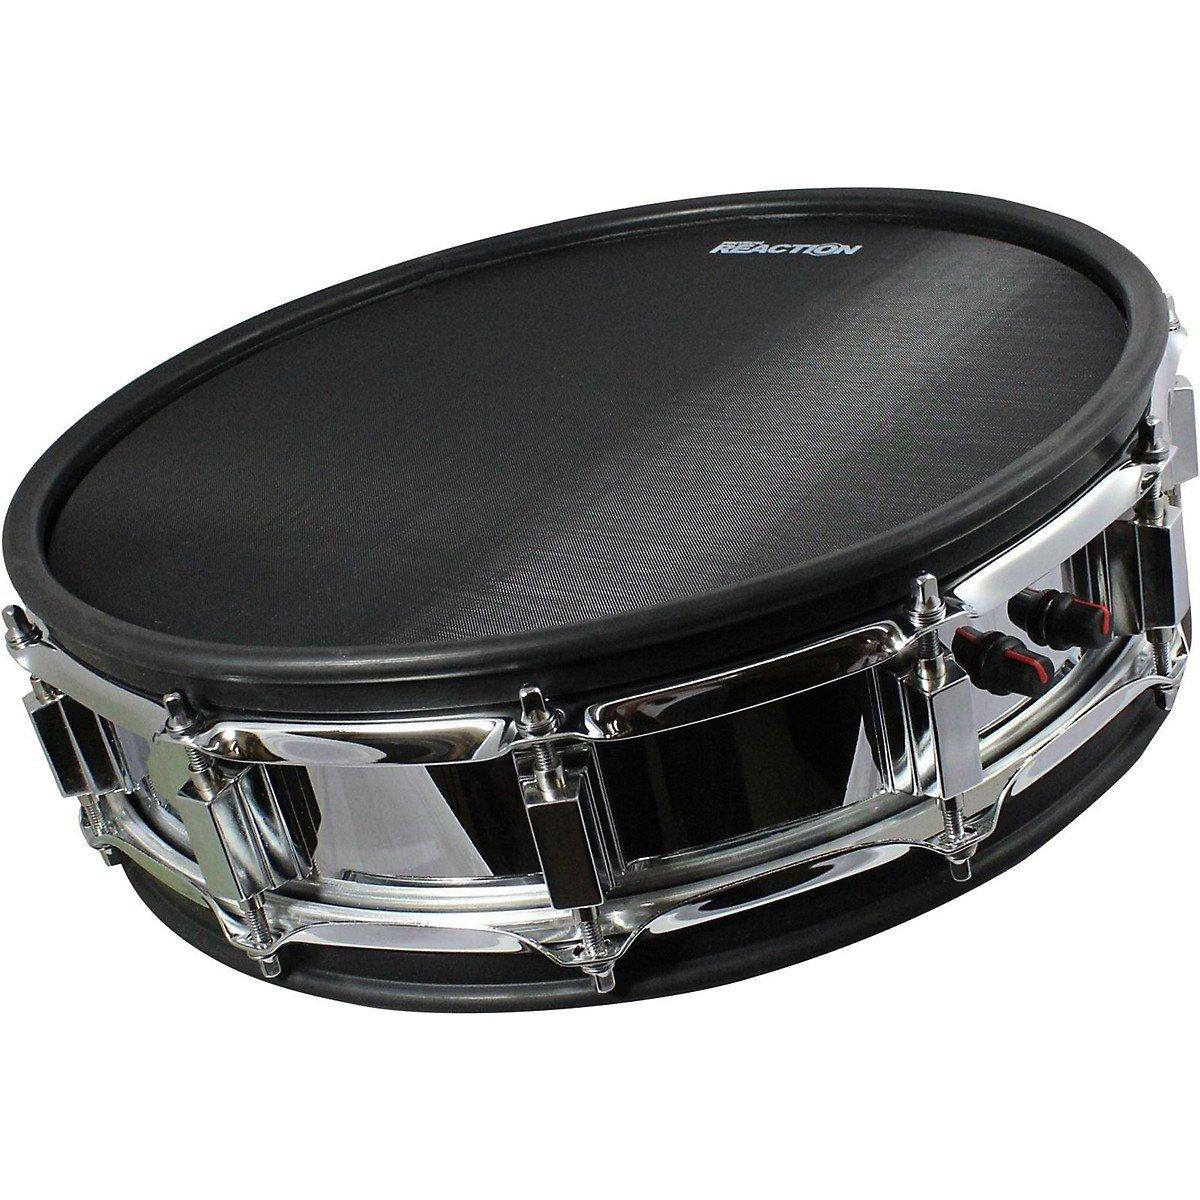 Pintech Percussion PHX14-C Chrome 14'' Electronic Piccolo Snare